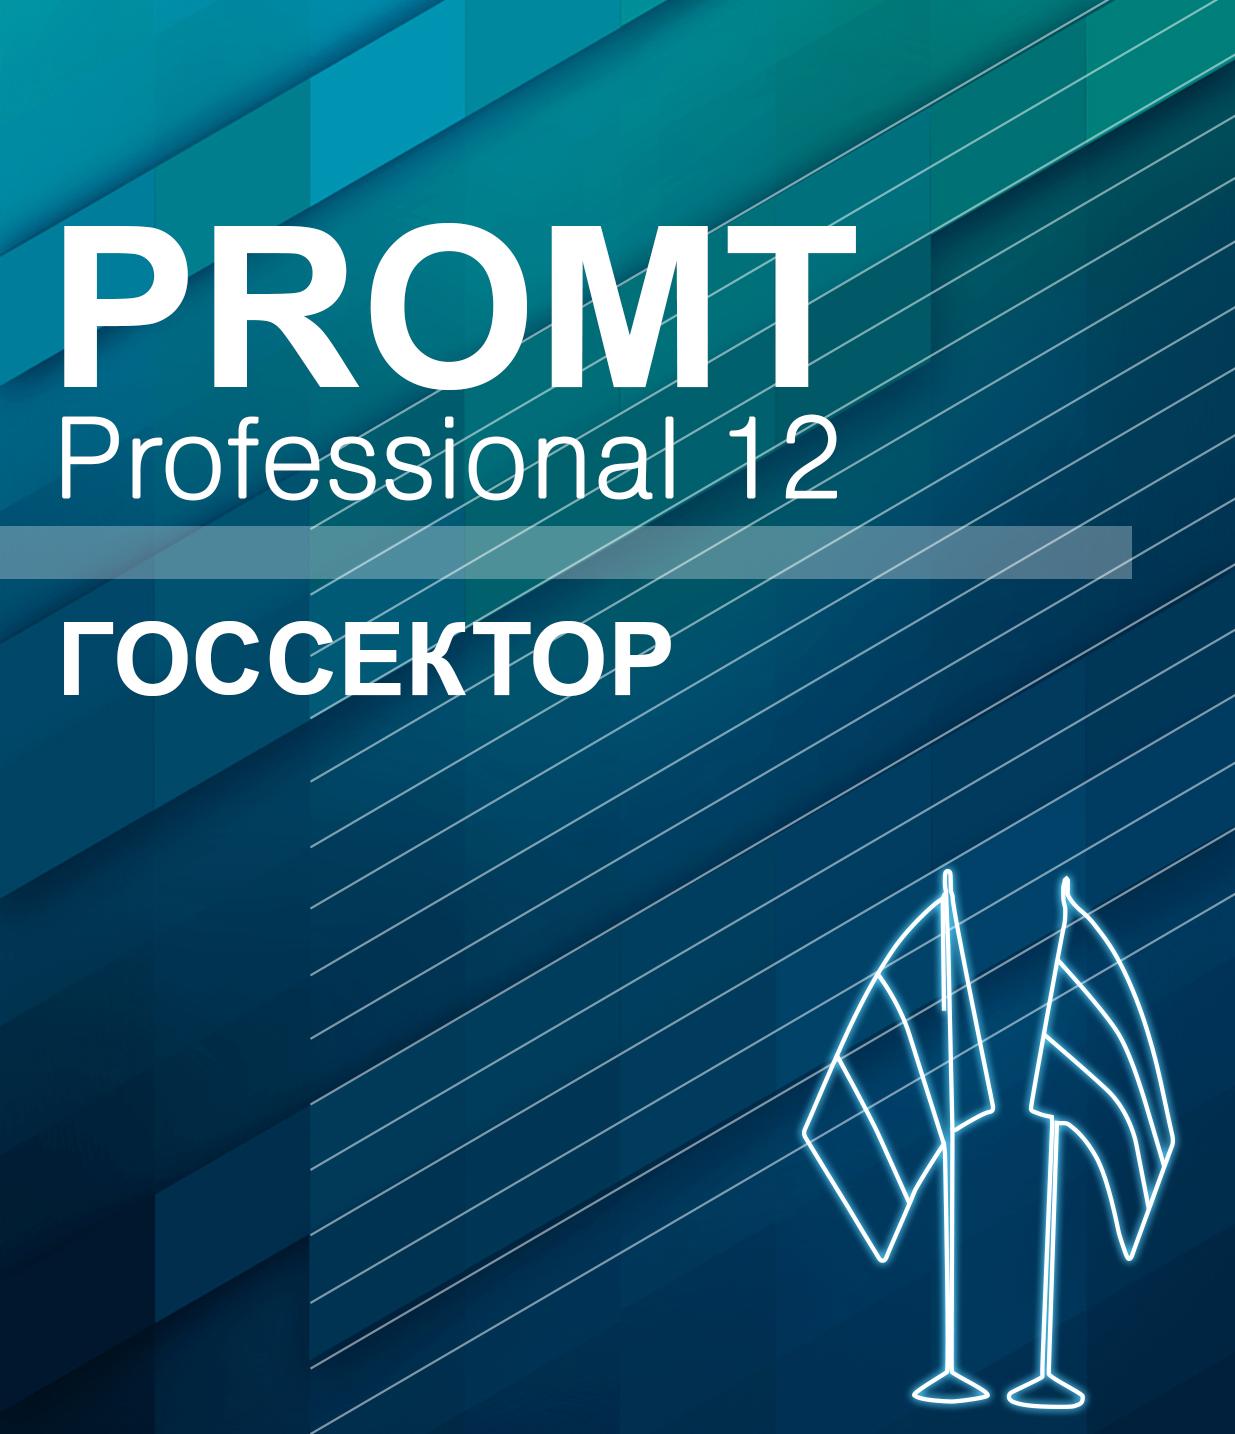 PROMT Professional 12 Многоязычный, Госсектор